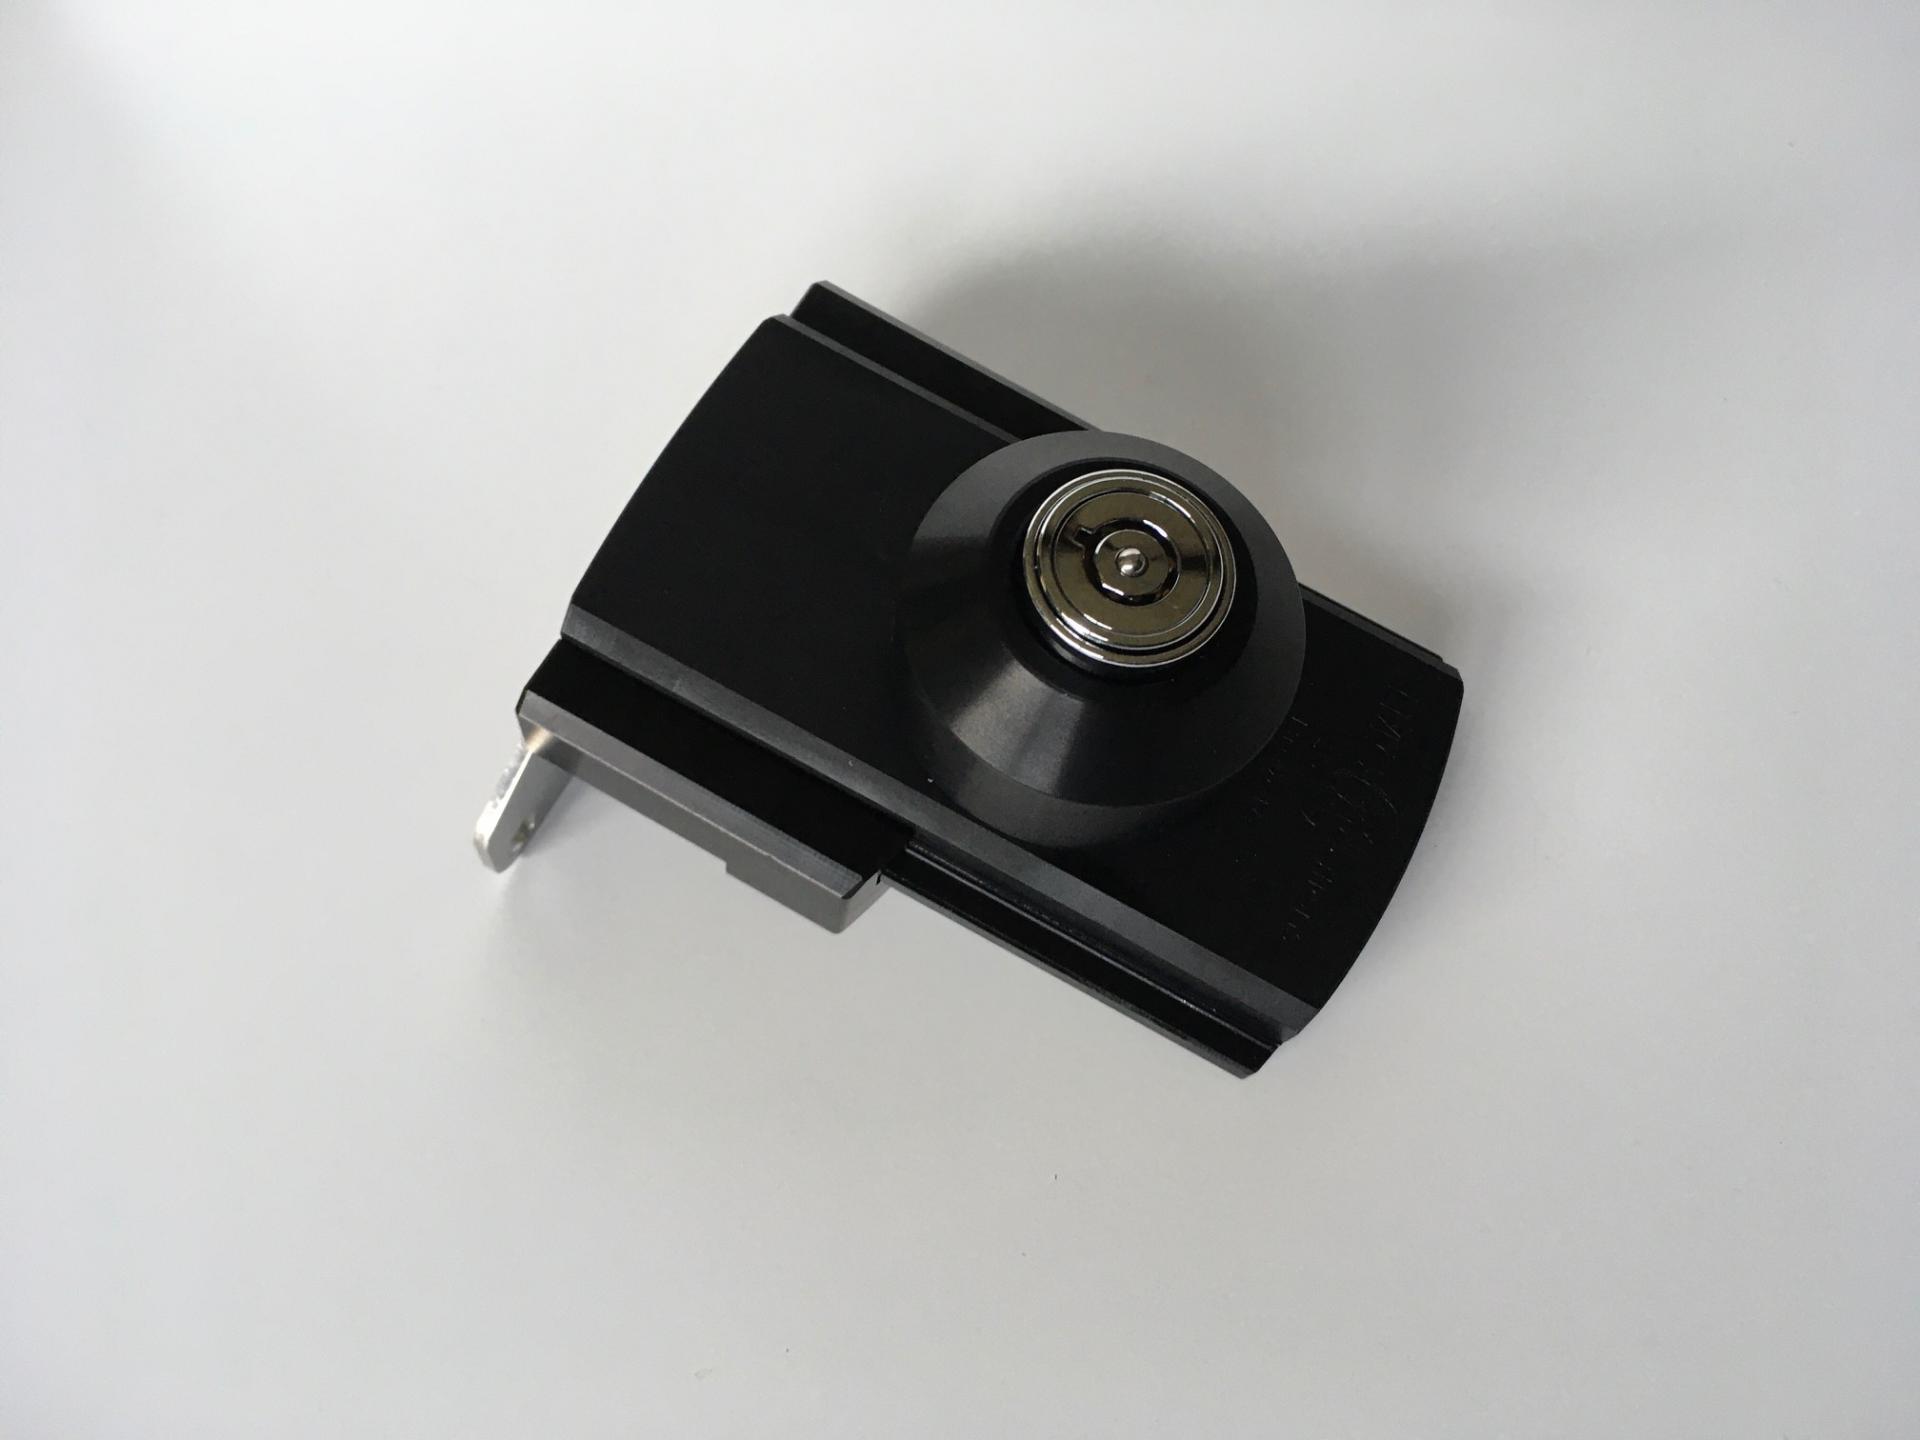 Serrure supplementaire imc 1956b noir pour les portes et coffres de camping car et caravane